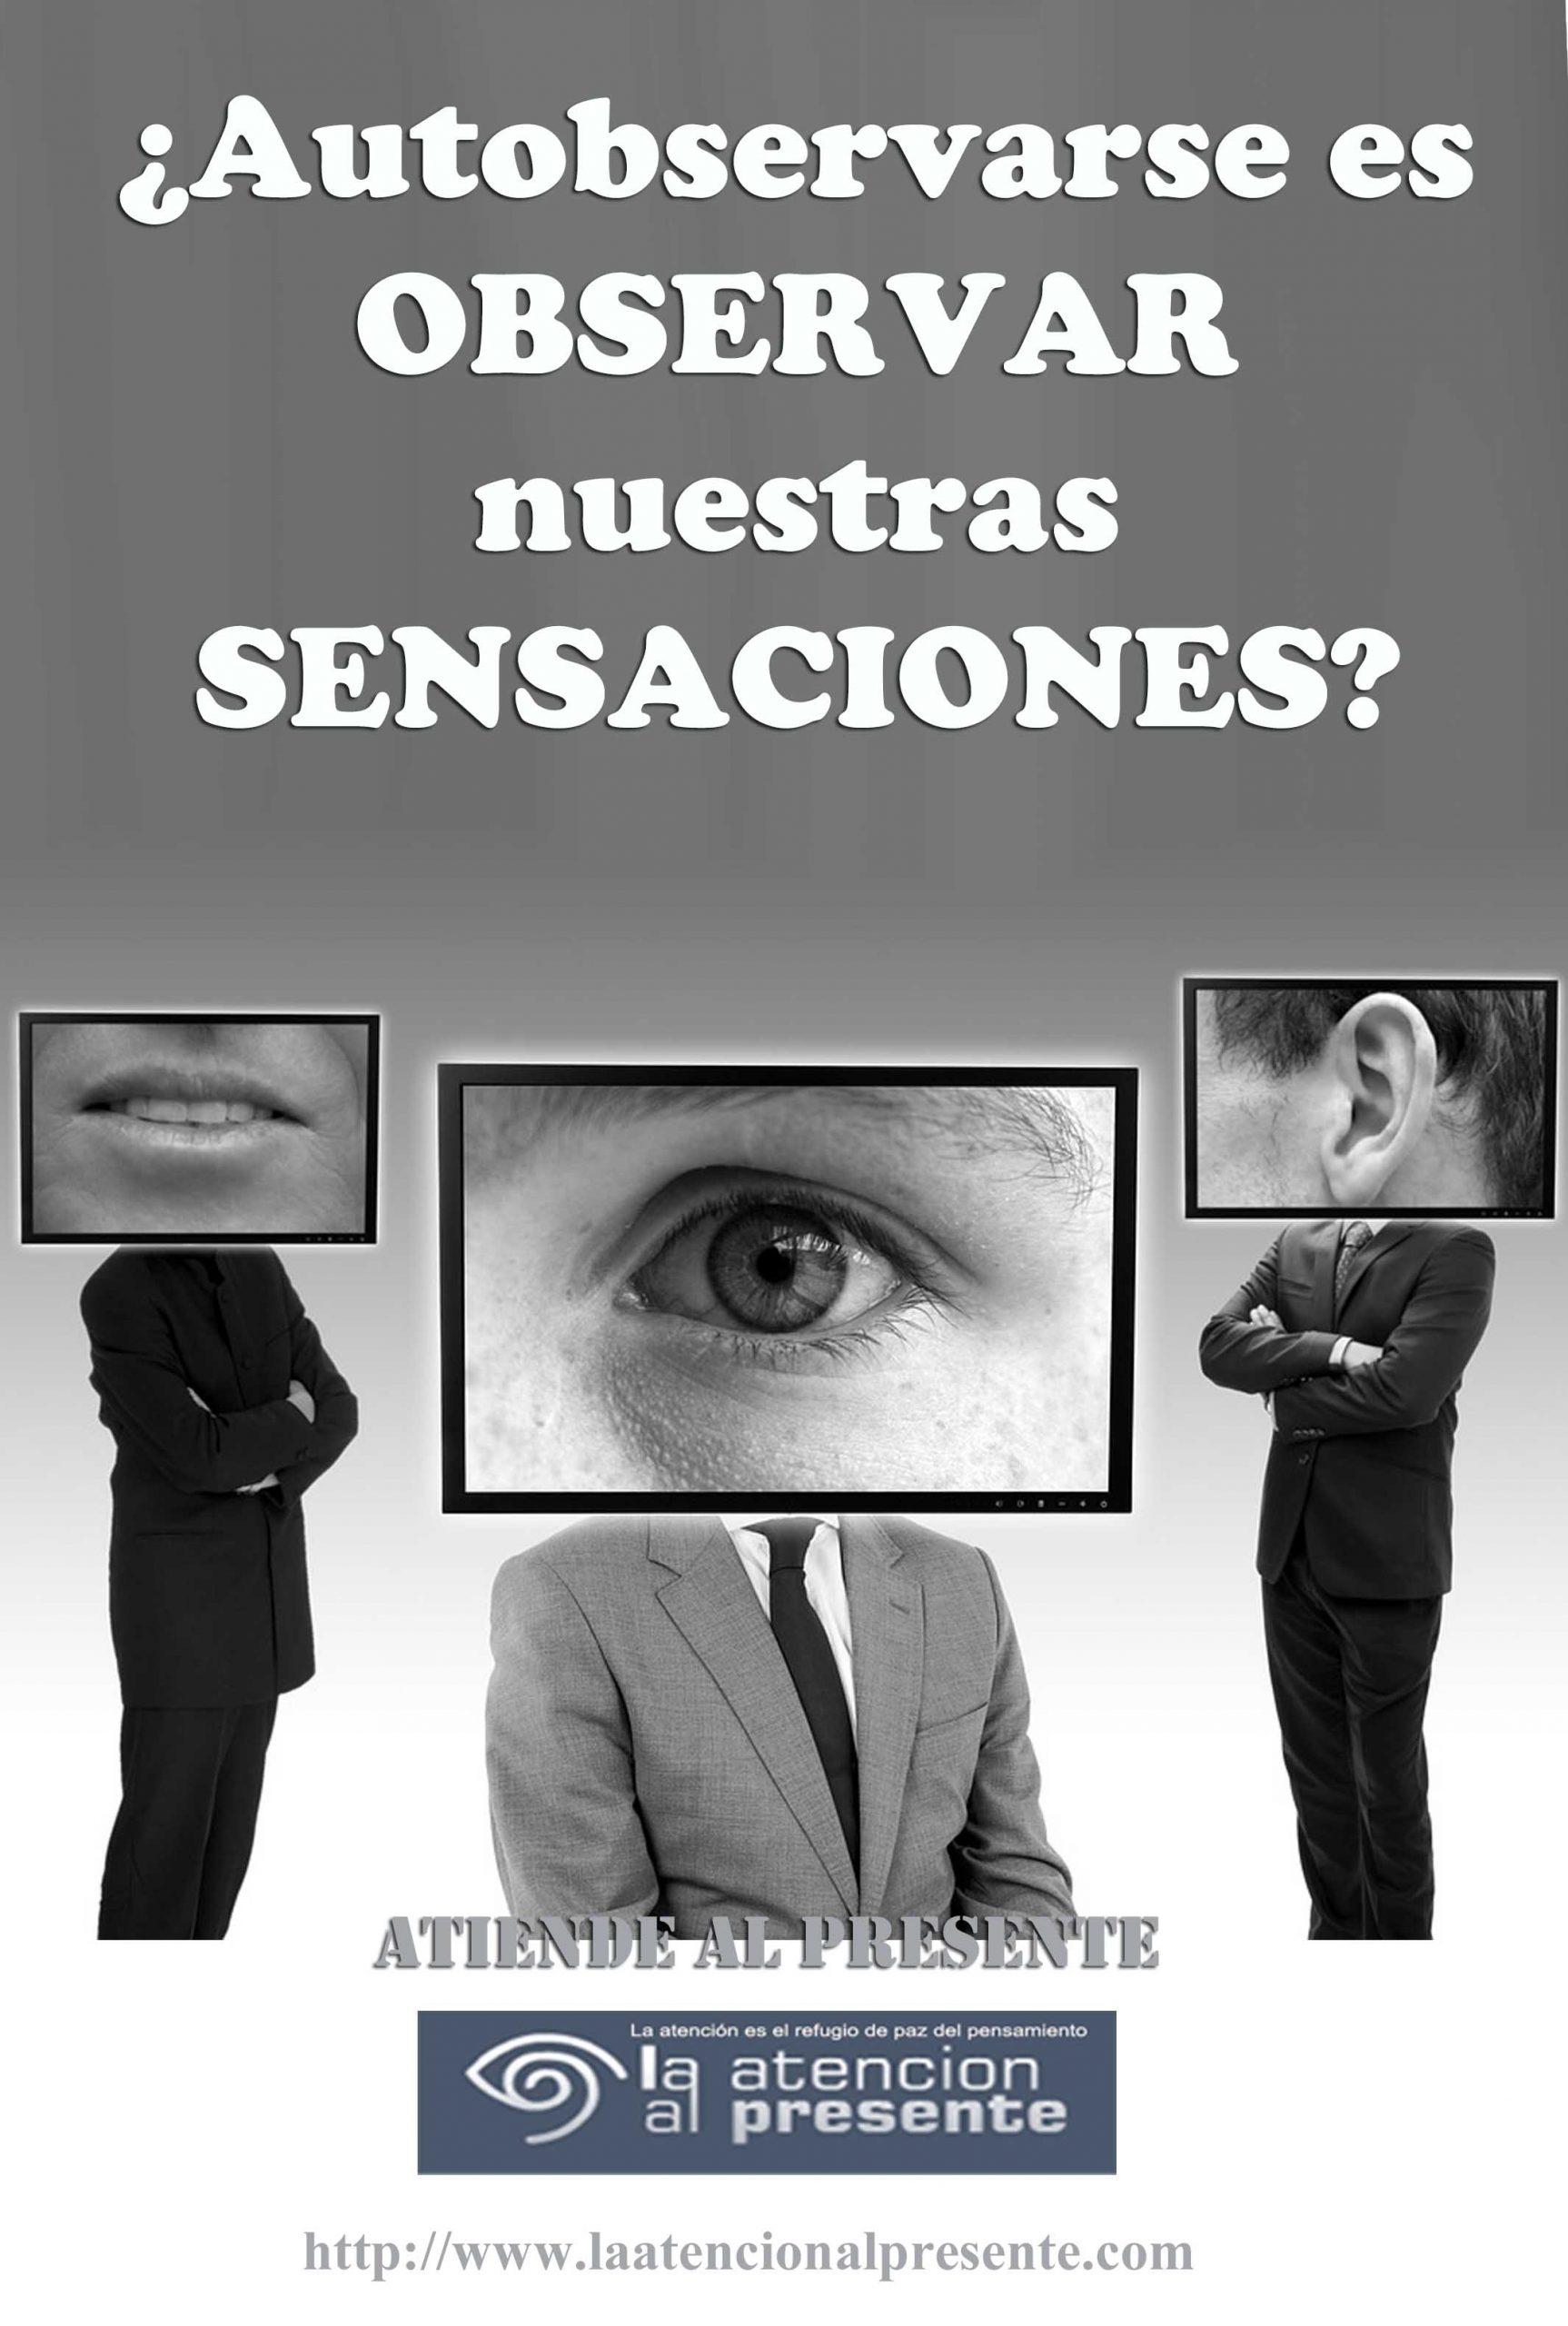 17 de Julio Esteban Autobservarse es OBSERVAR nuestras SENSACIONES min scaled